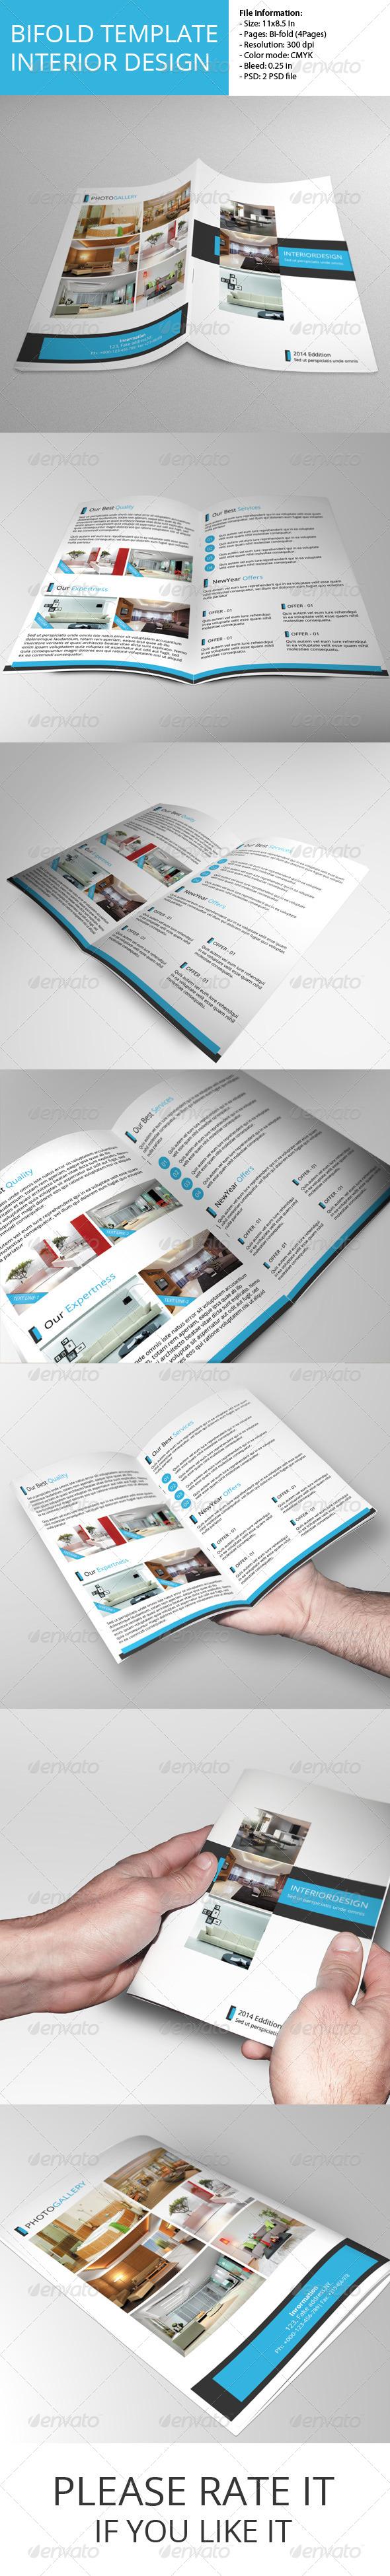 GraphicRiver Bifold Brochure-Interior Design 6795663